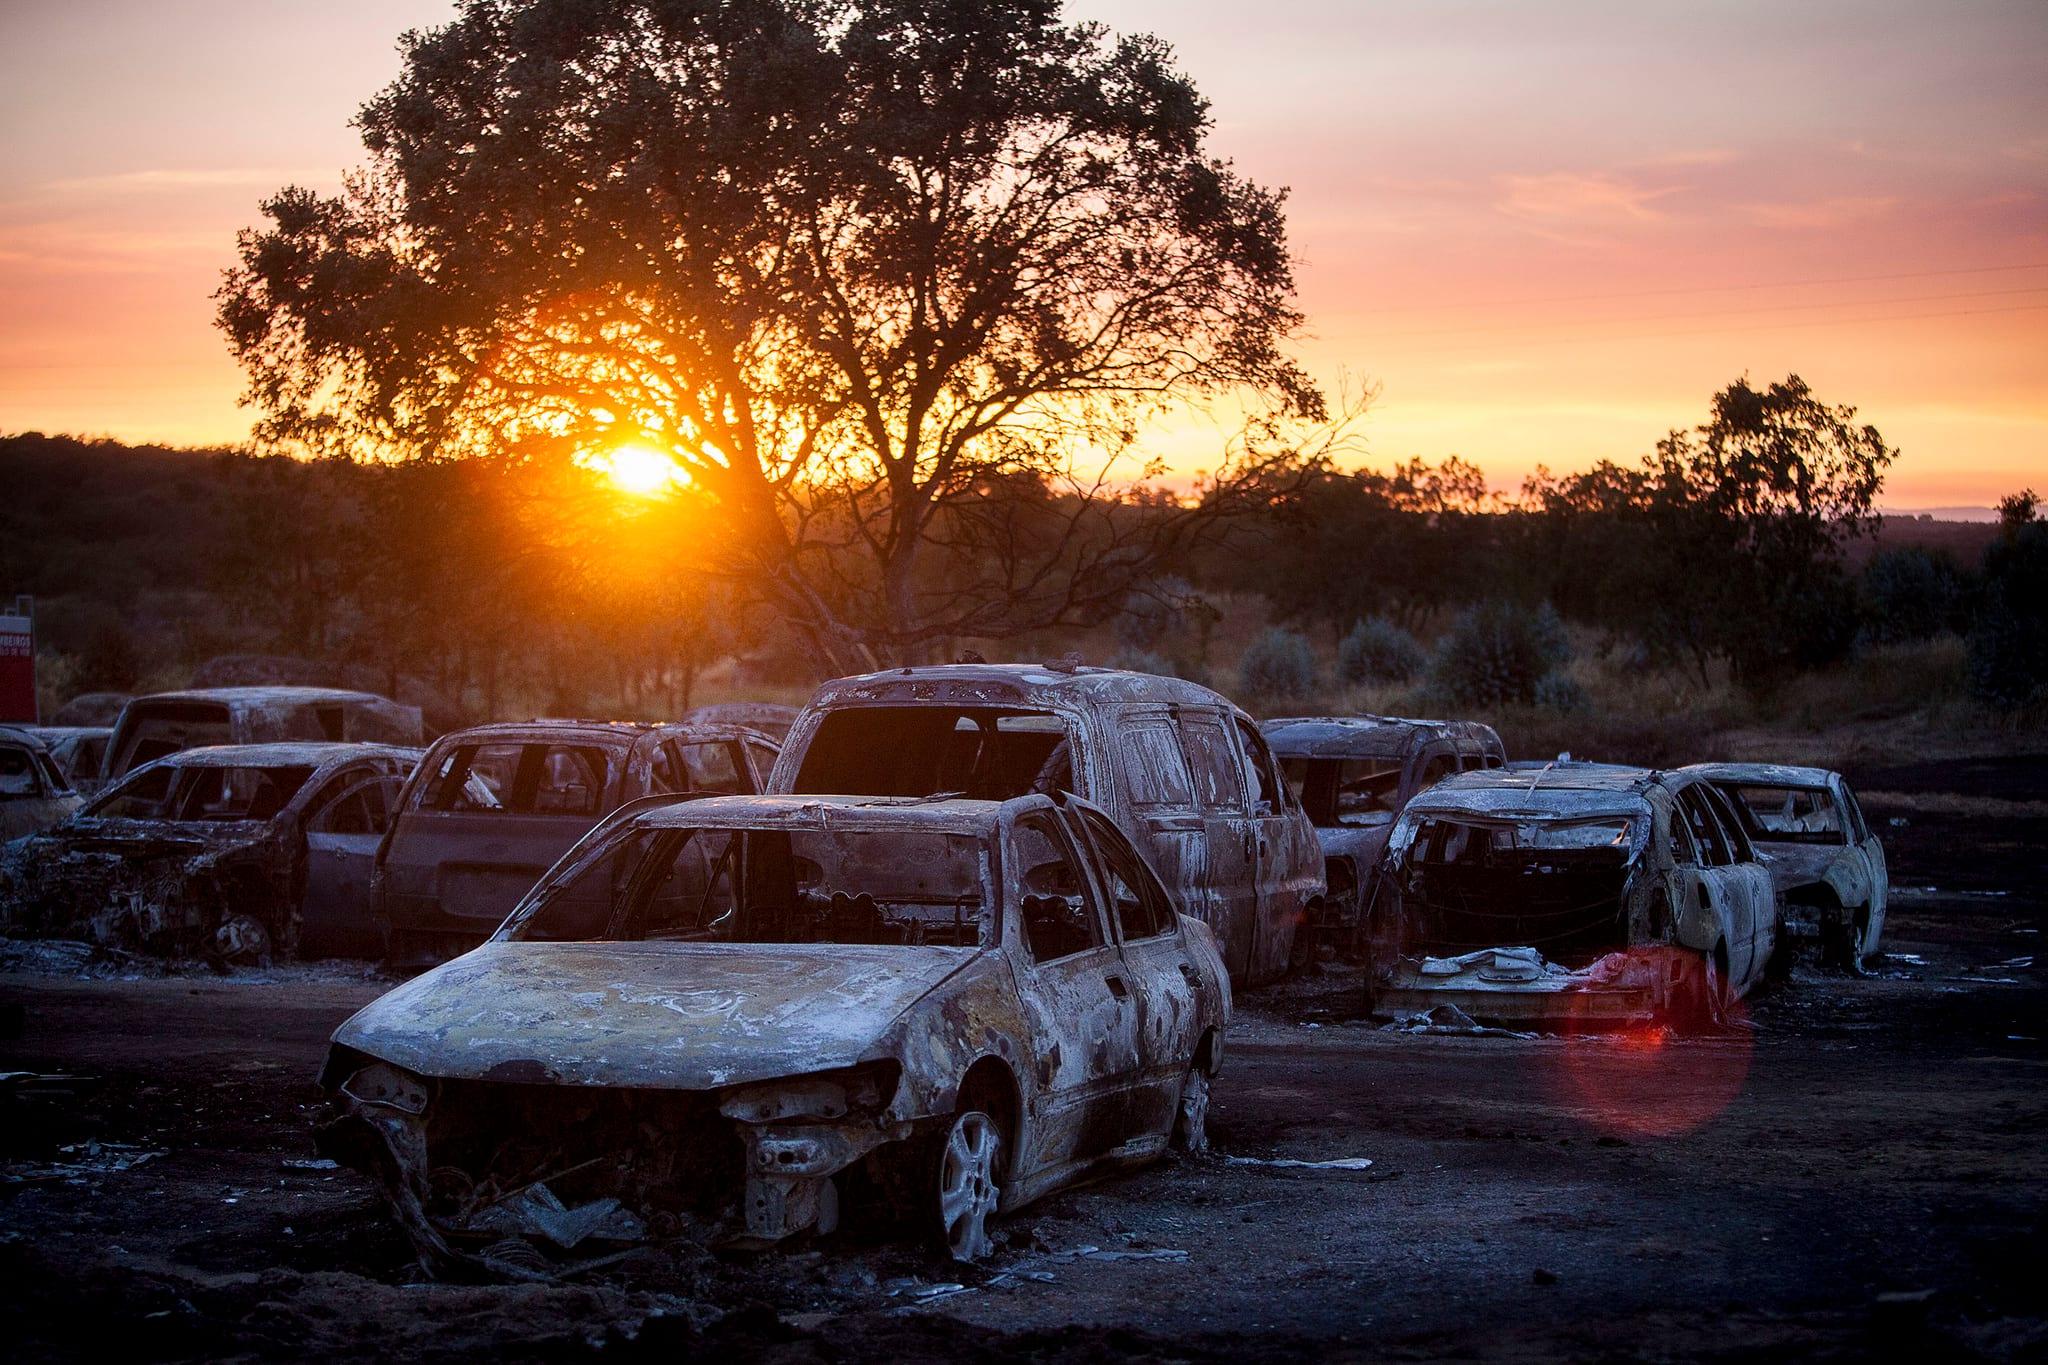 Sonnenuntergang: Es dauerte bis zum Abend, bis die Feuerwehr den Brand eindämmen konnte.